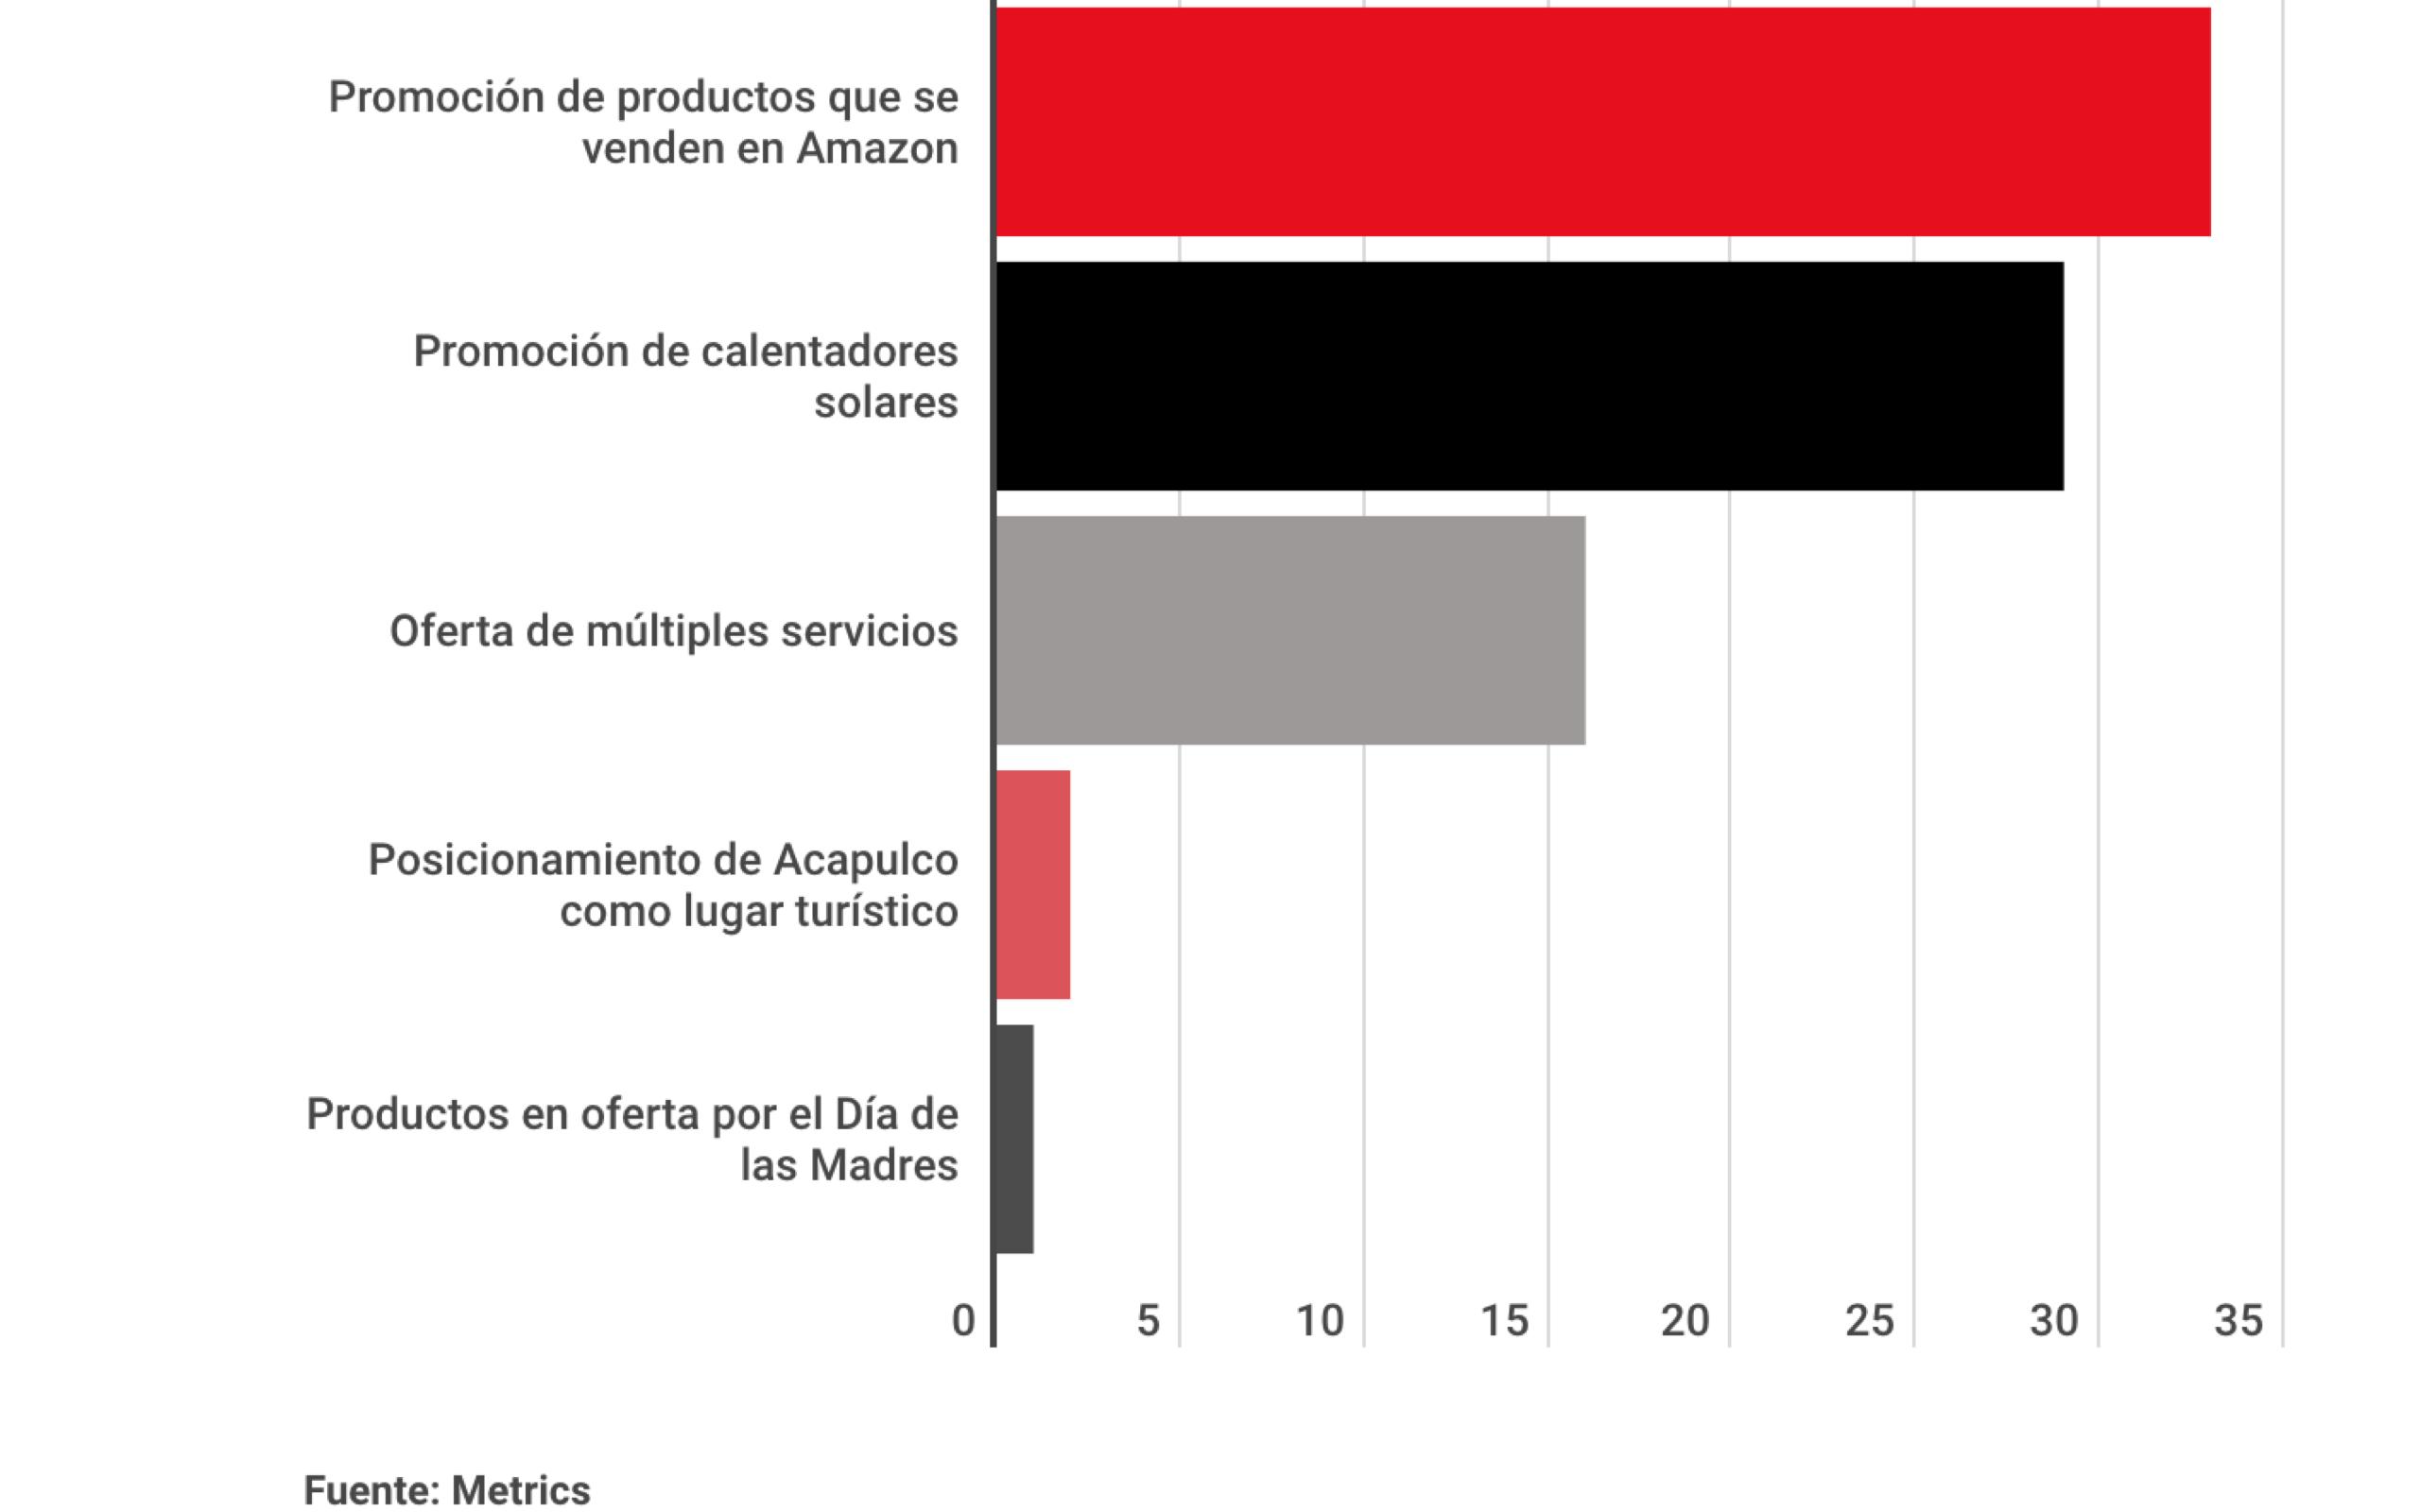 Metrics - analisis mercadotecnia, Conversación digital, linea 12, Luis Miguel, sabritas, series